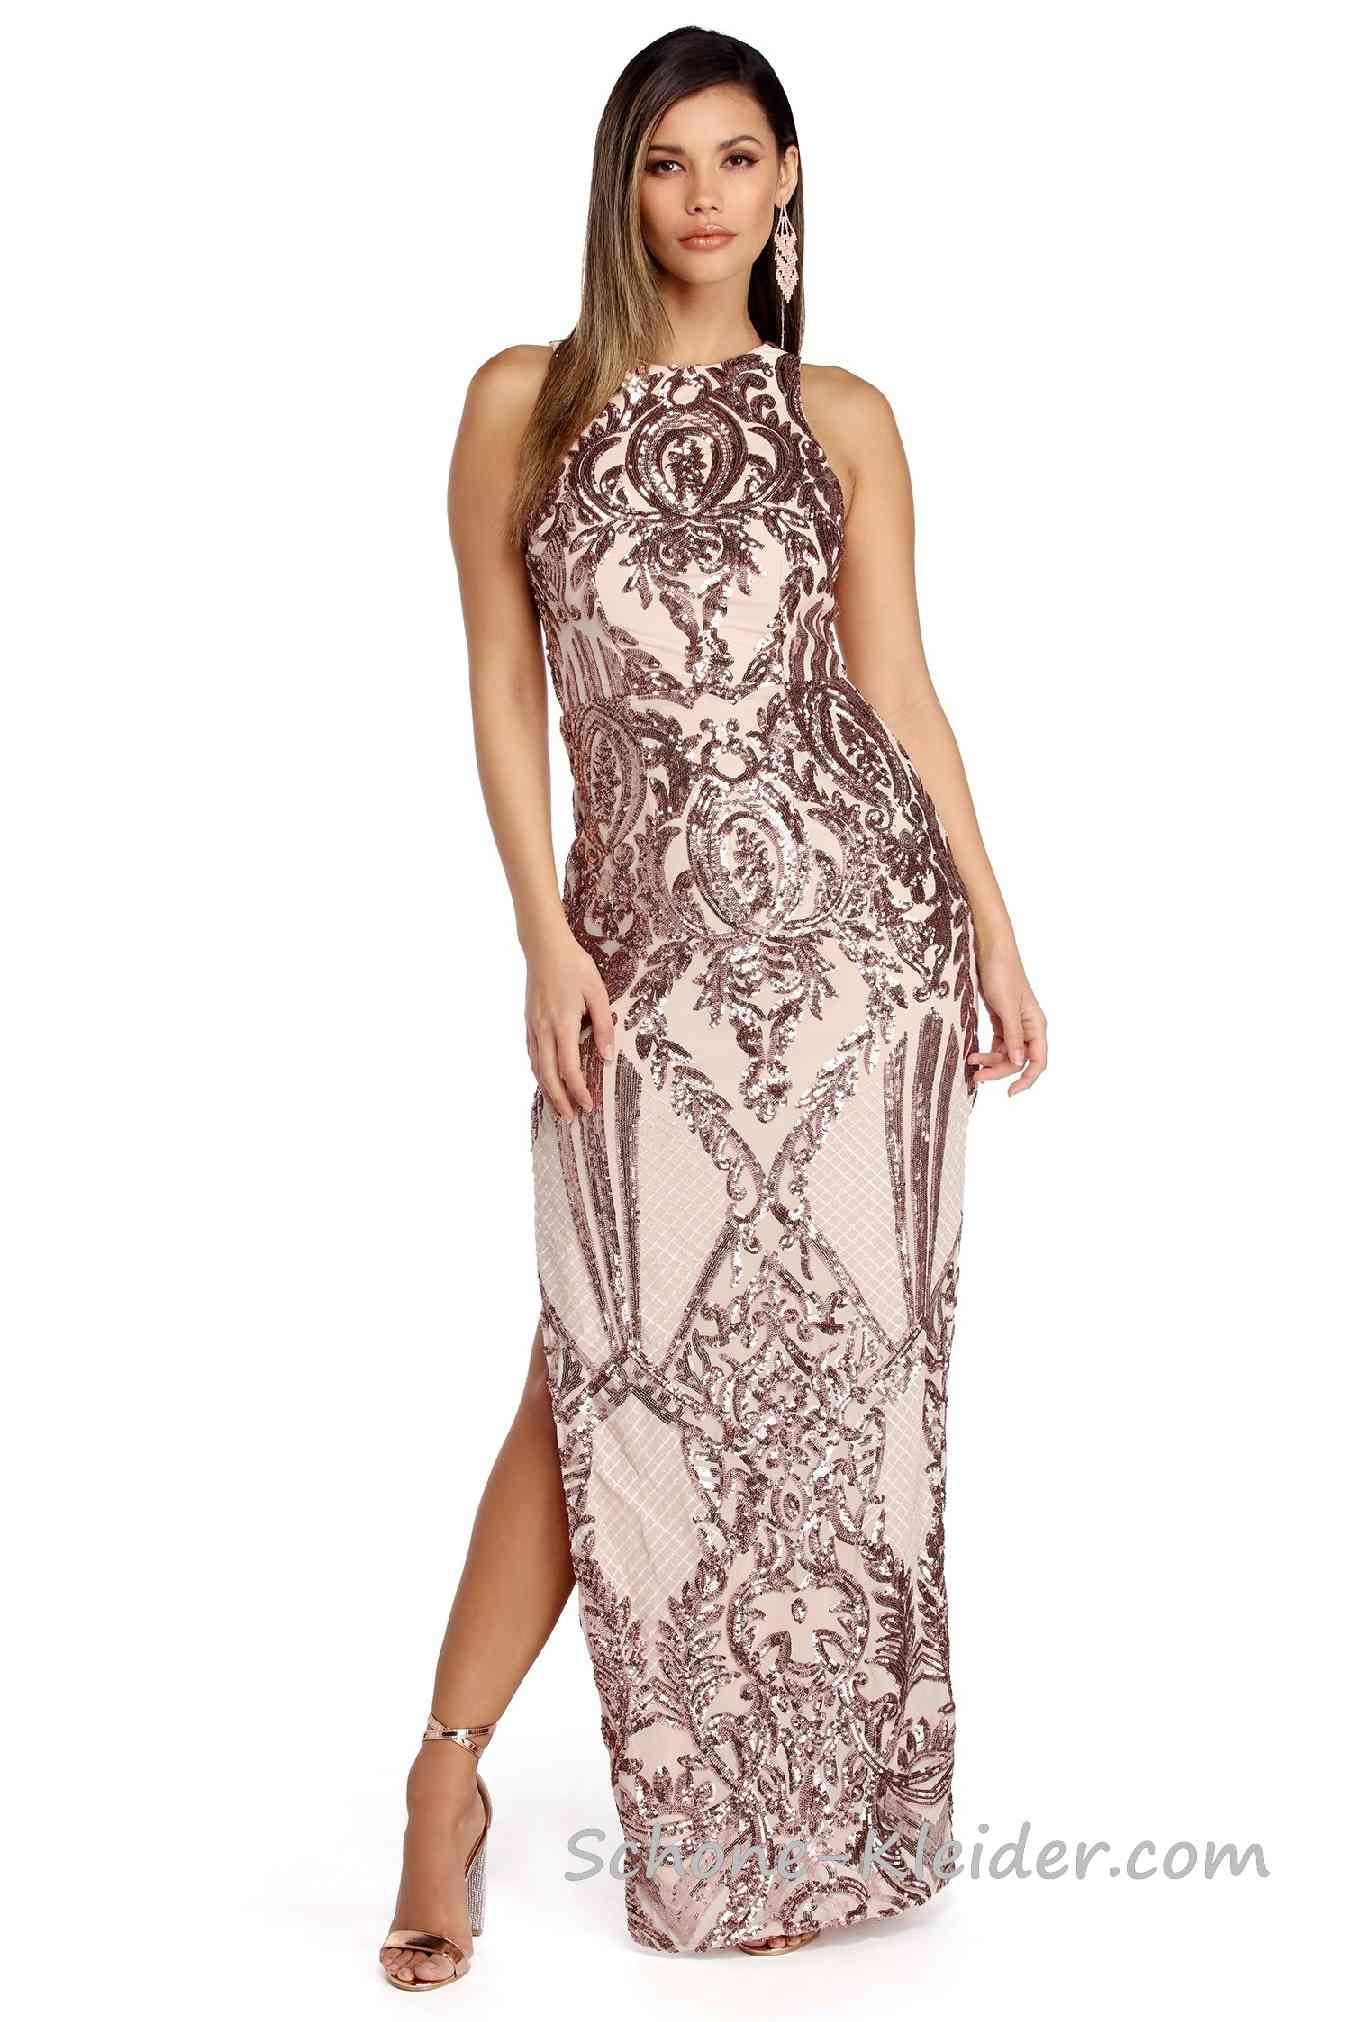 Paillettenkleid muss im Kleiderschrank einer Frau sein | eine Frau ...